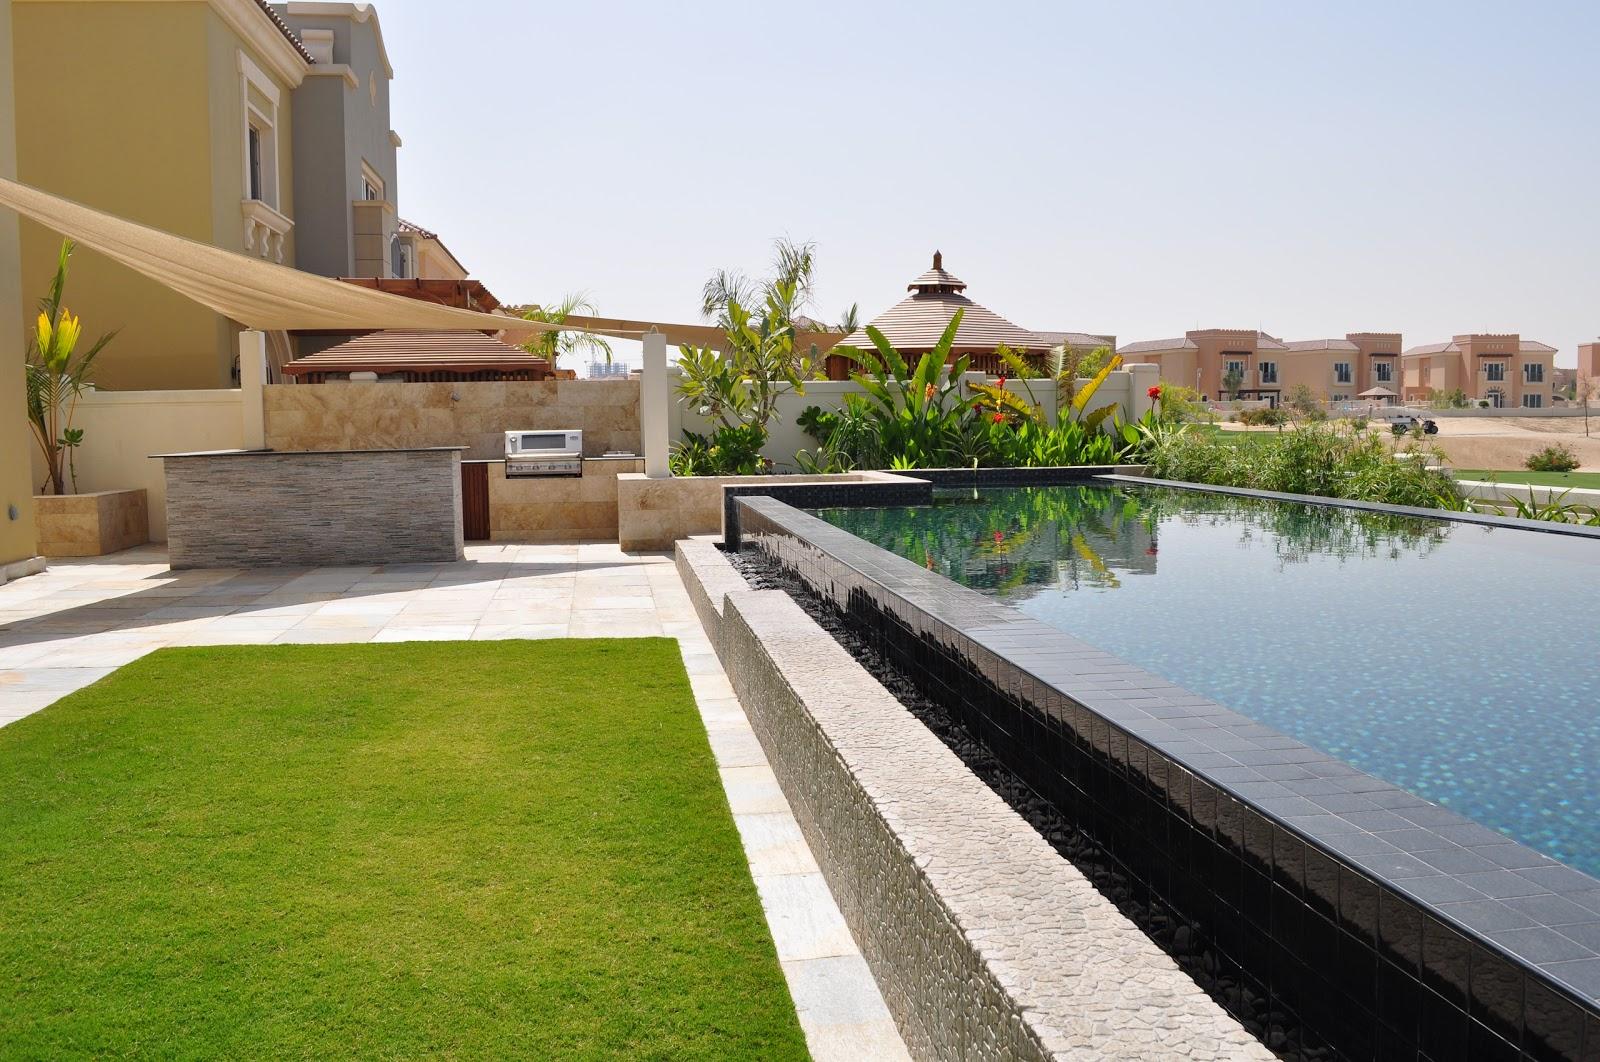 The Garden Company Dubai Dubai Garden Design Dubai UAE